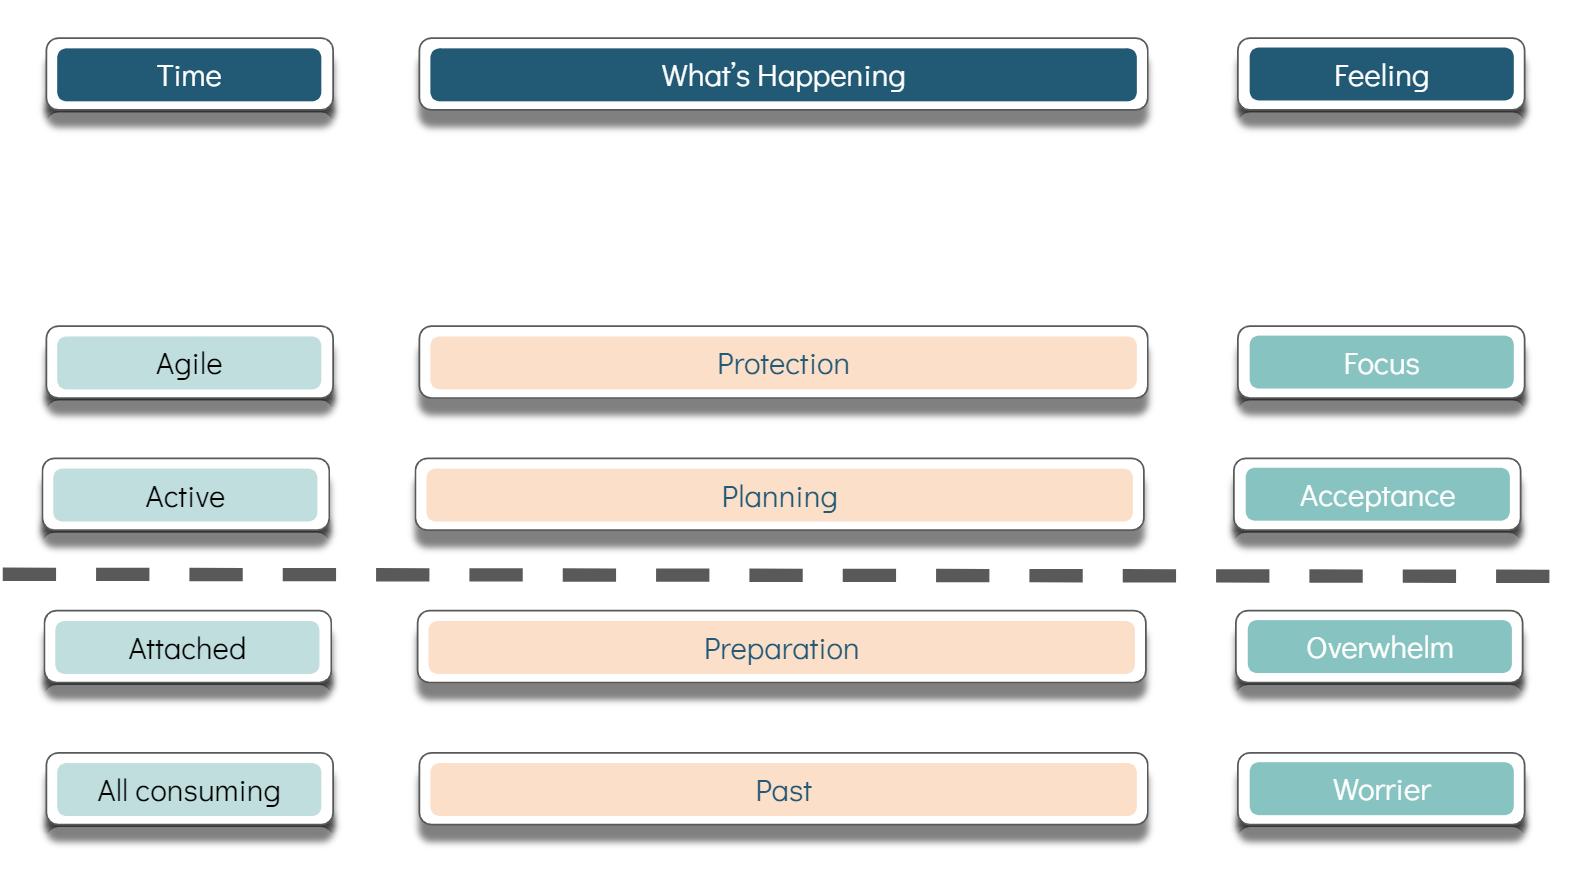 Step 4 - Focus